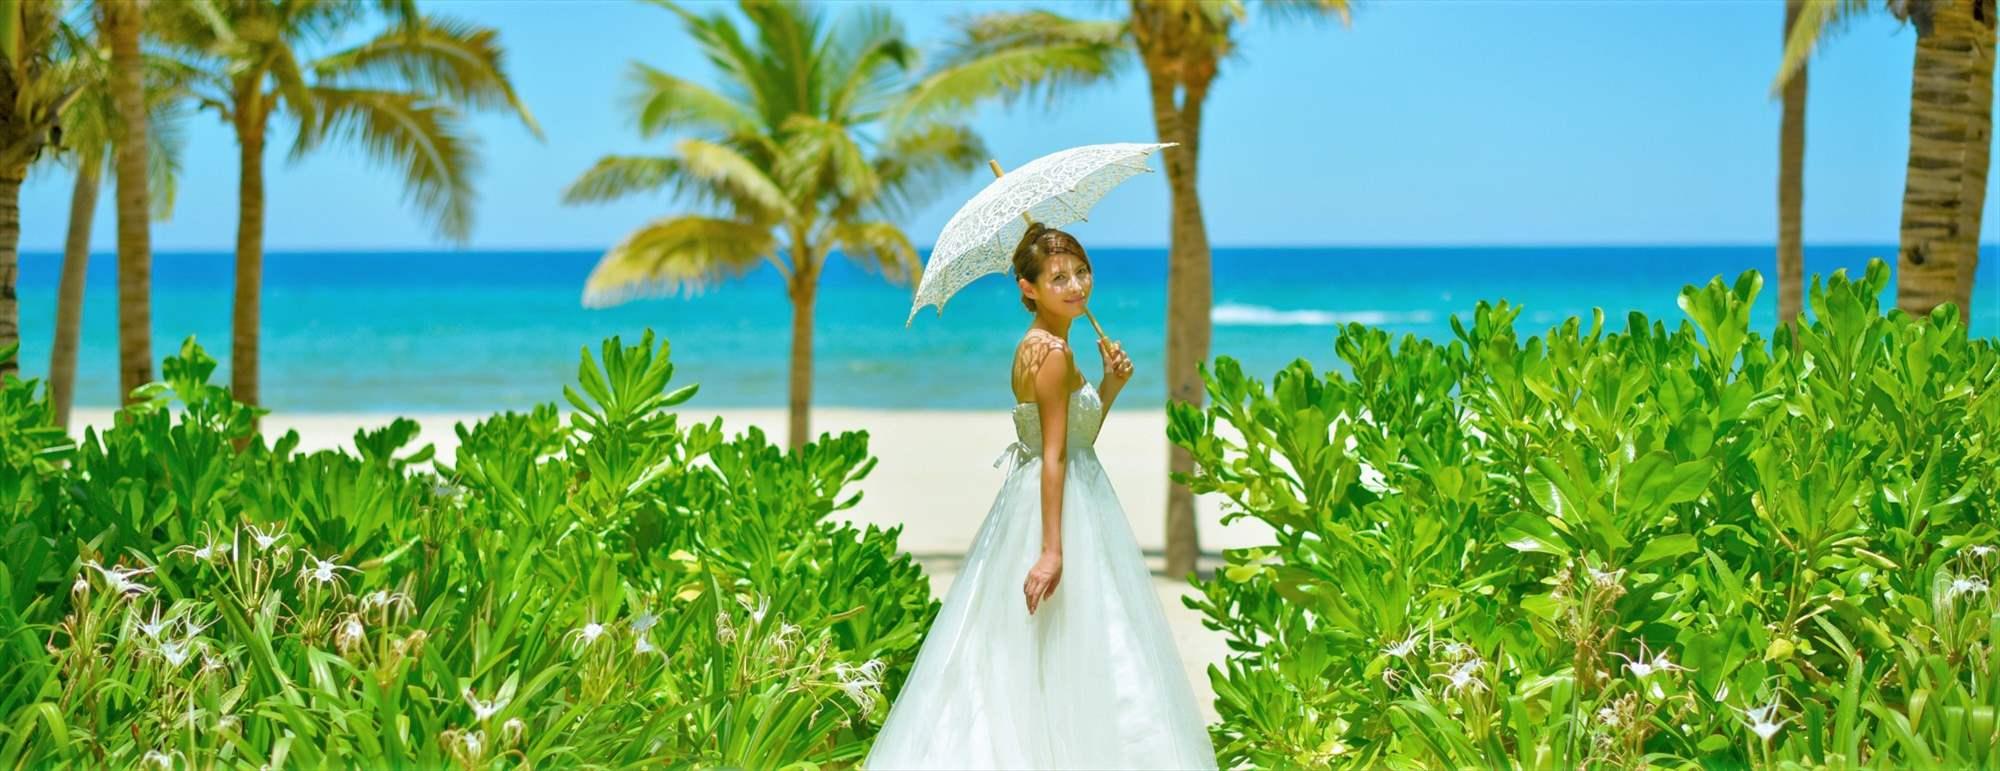 ベトナム・ダナン・ビーチガーデンフォト<br /> Premier Village Danang Resort<br /> プレミア・ビレッジ・ダナン・リゾート挙式